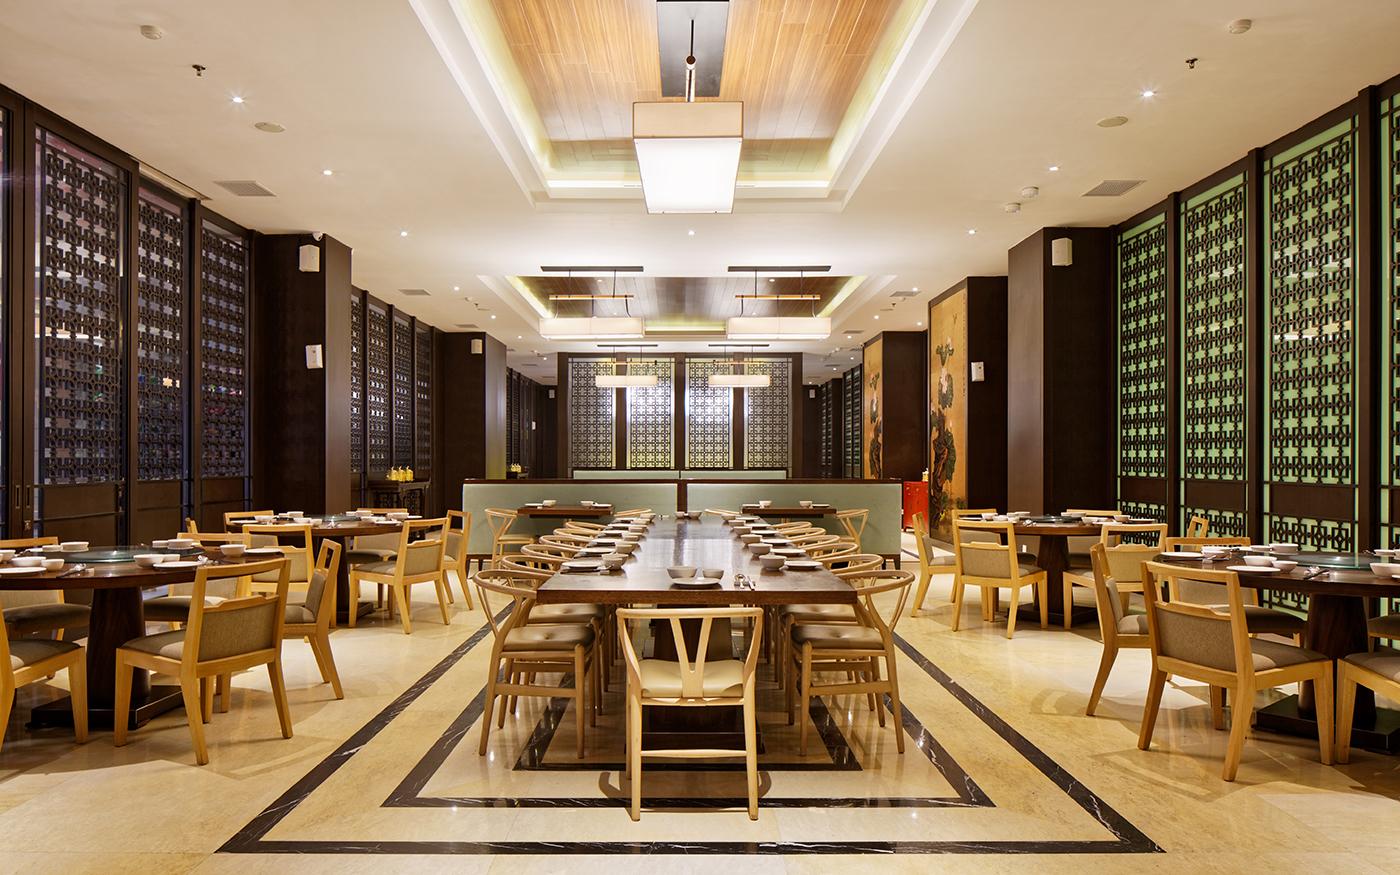 674-Hotel-Rinra-(TSID)--07__09.11.2017-